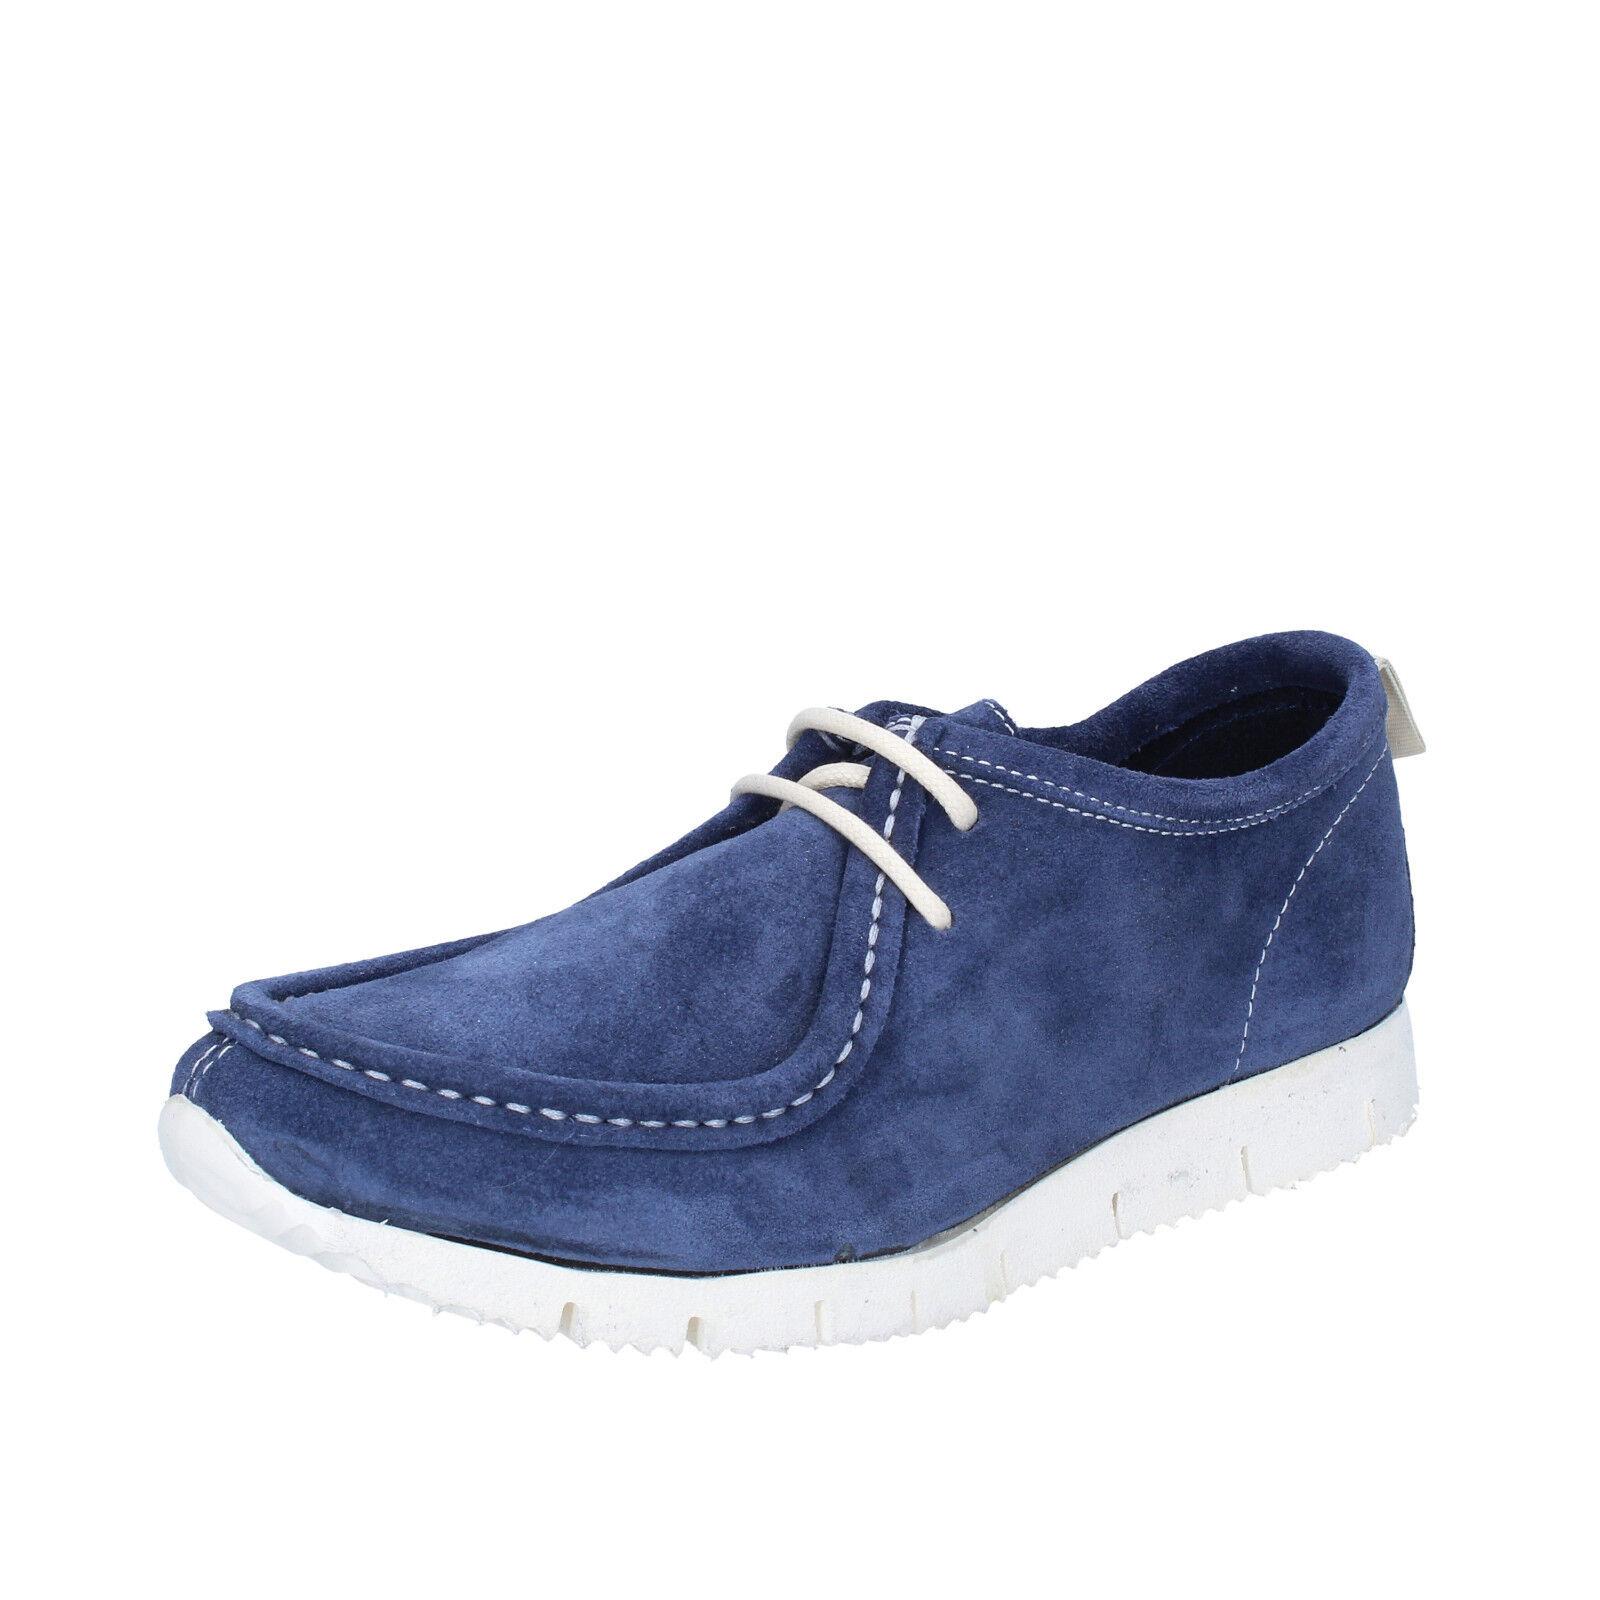 Scarpe donna KEP'S blu 37 EU scarpe da ginnastica blu KEP'S camoscio BY463-37 d84a64